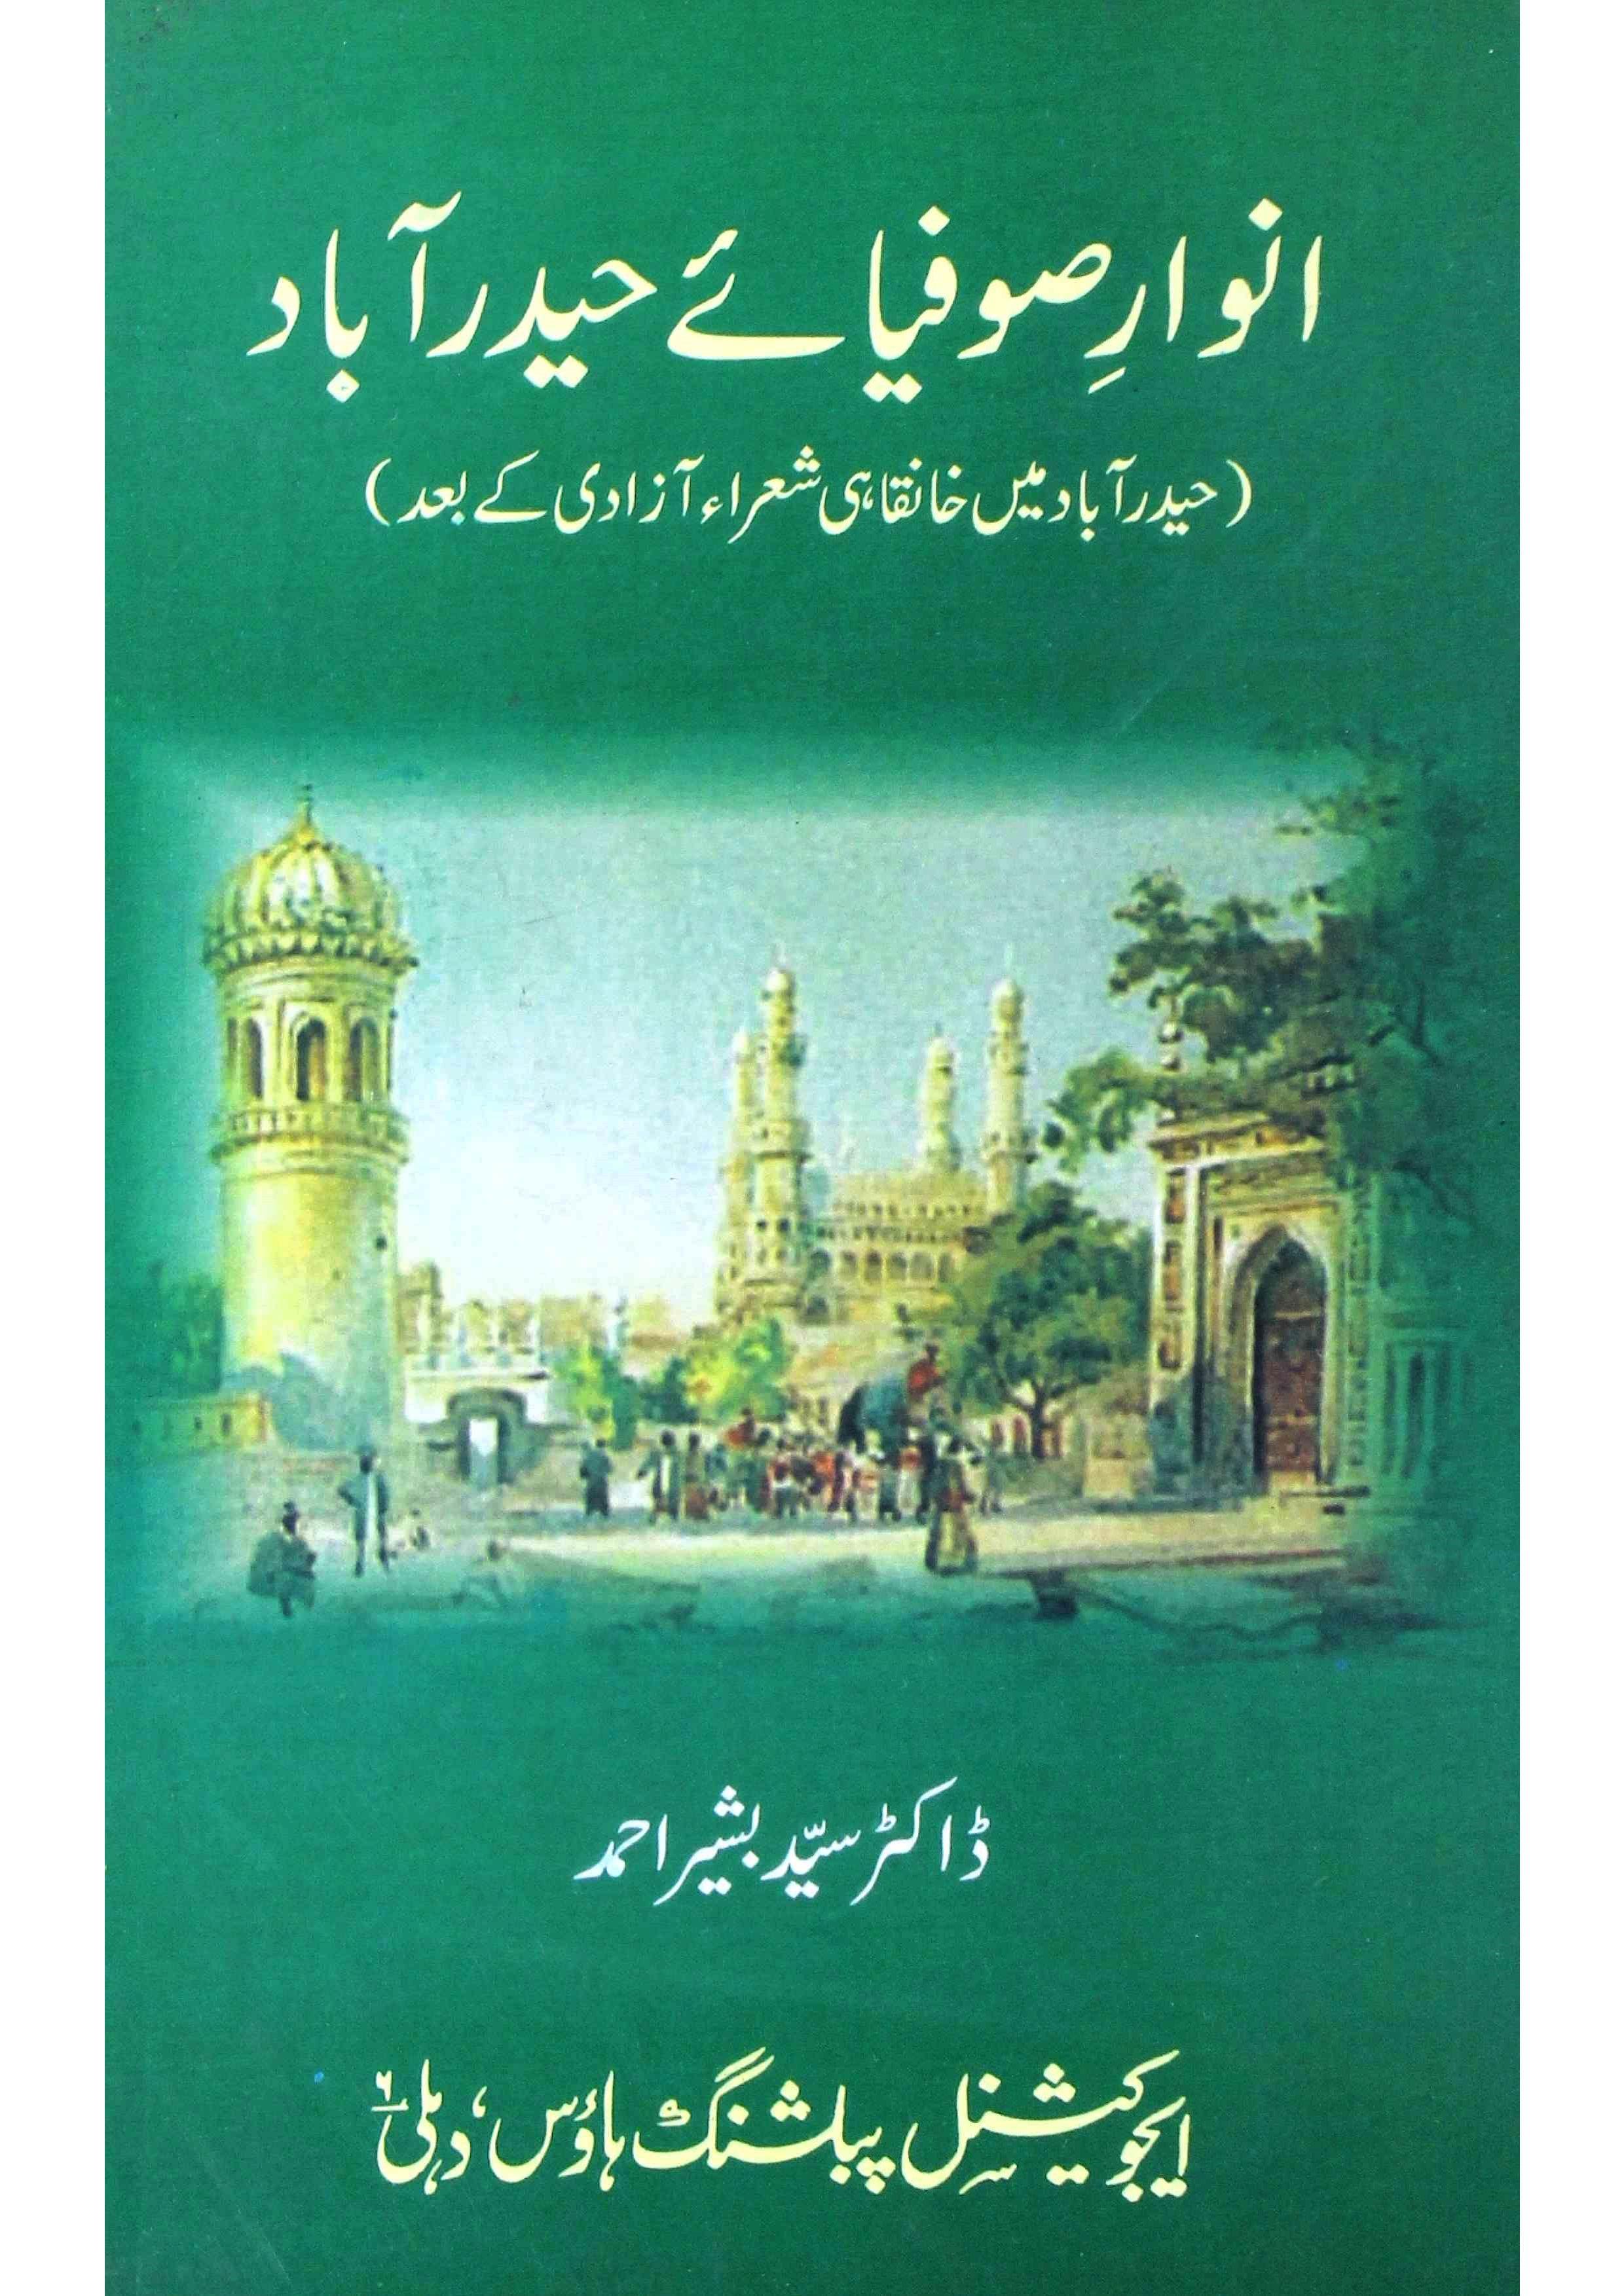 Anwar-e-Sufiya-e-Hyderabad